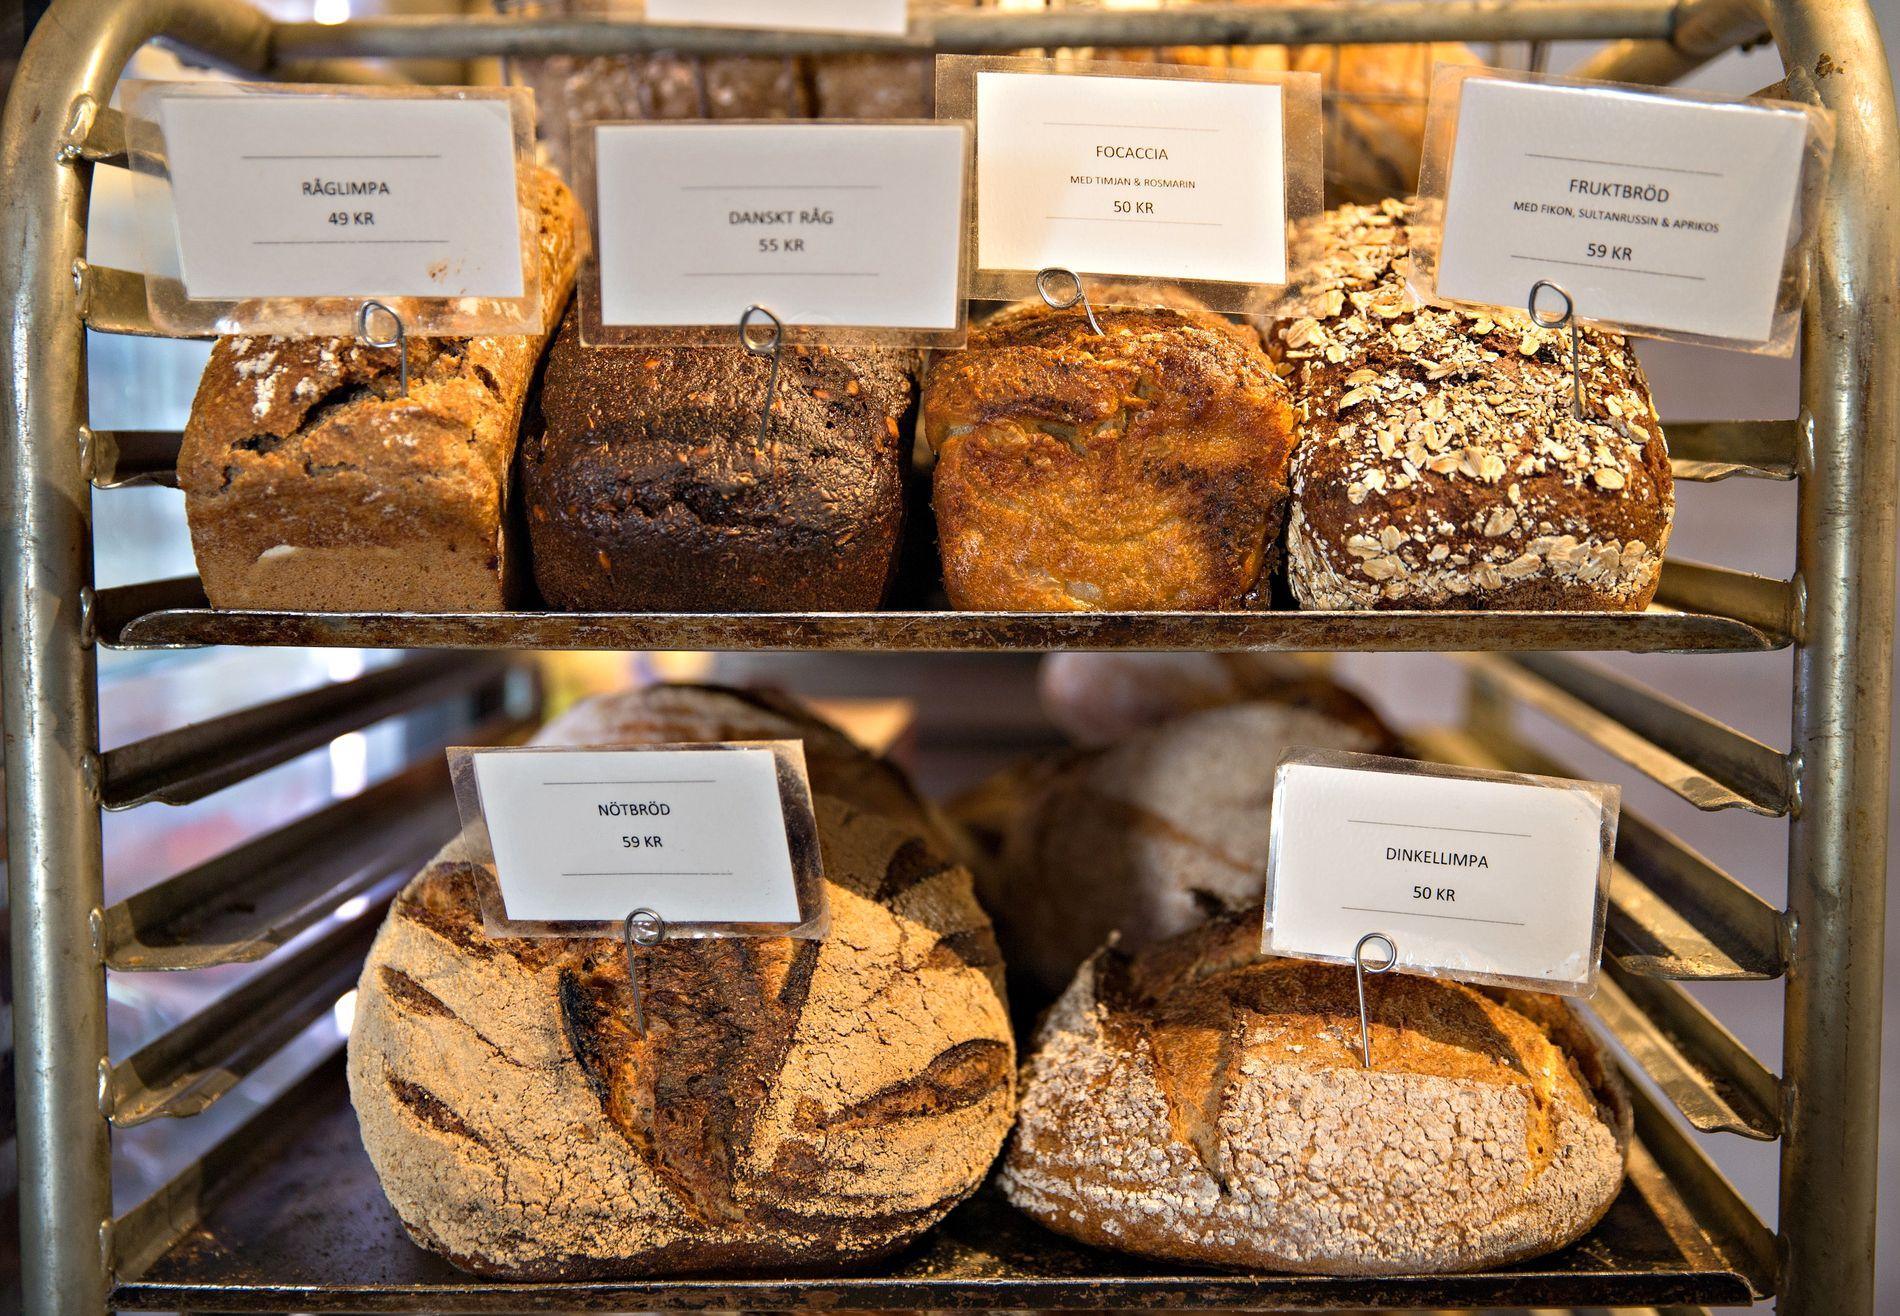 FERSKT: – Få ting får meg til å tenke mer på livets mysterium enn et nystekt brød, skriver vår søndagsspaltist Kim Larsen.